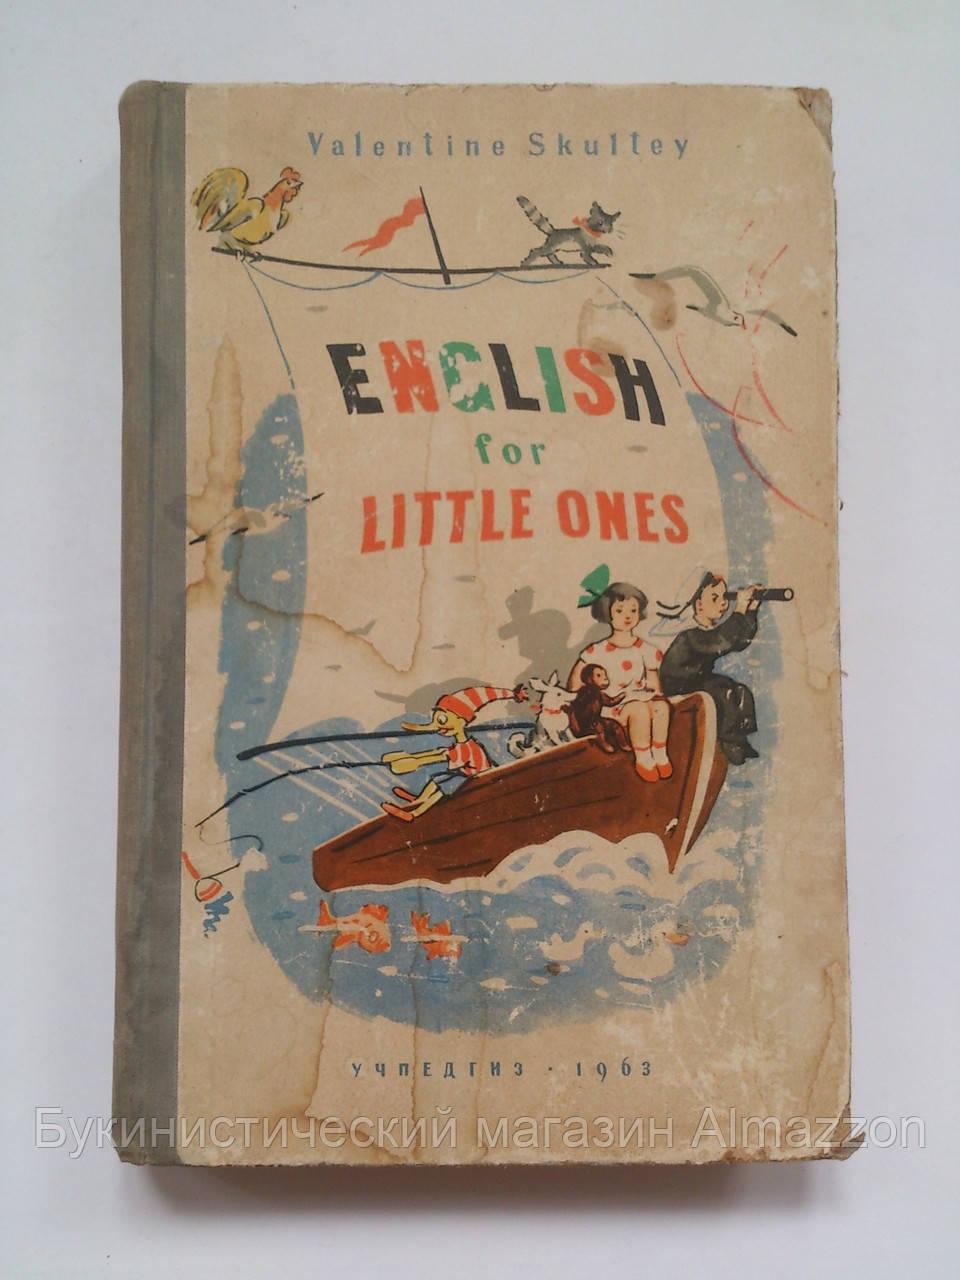 В.Скультэ Английский язык для детей English for little ones 1963 год - Букинистический магазин Almazzon в Одессе